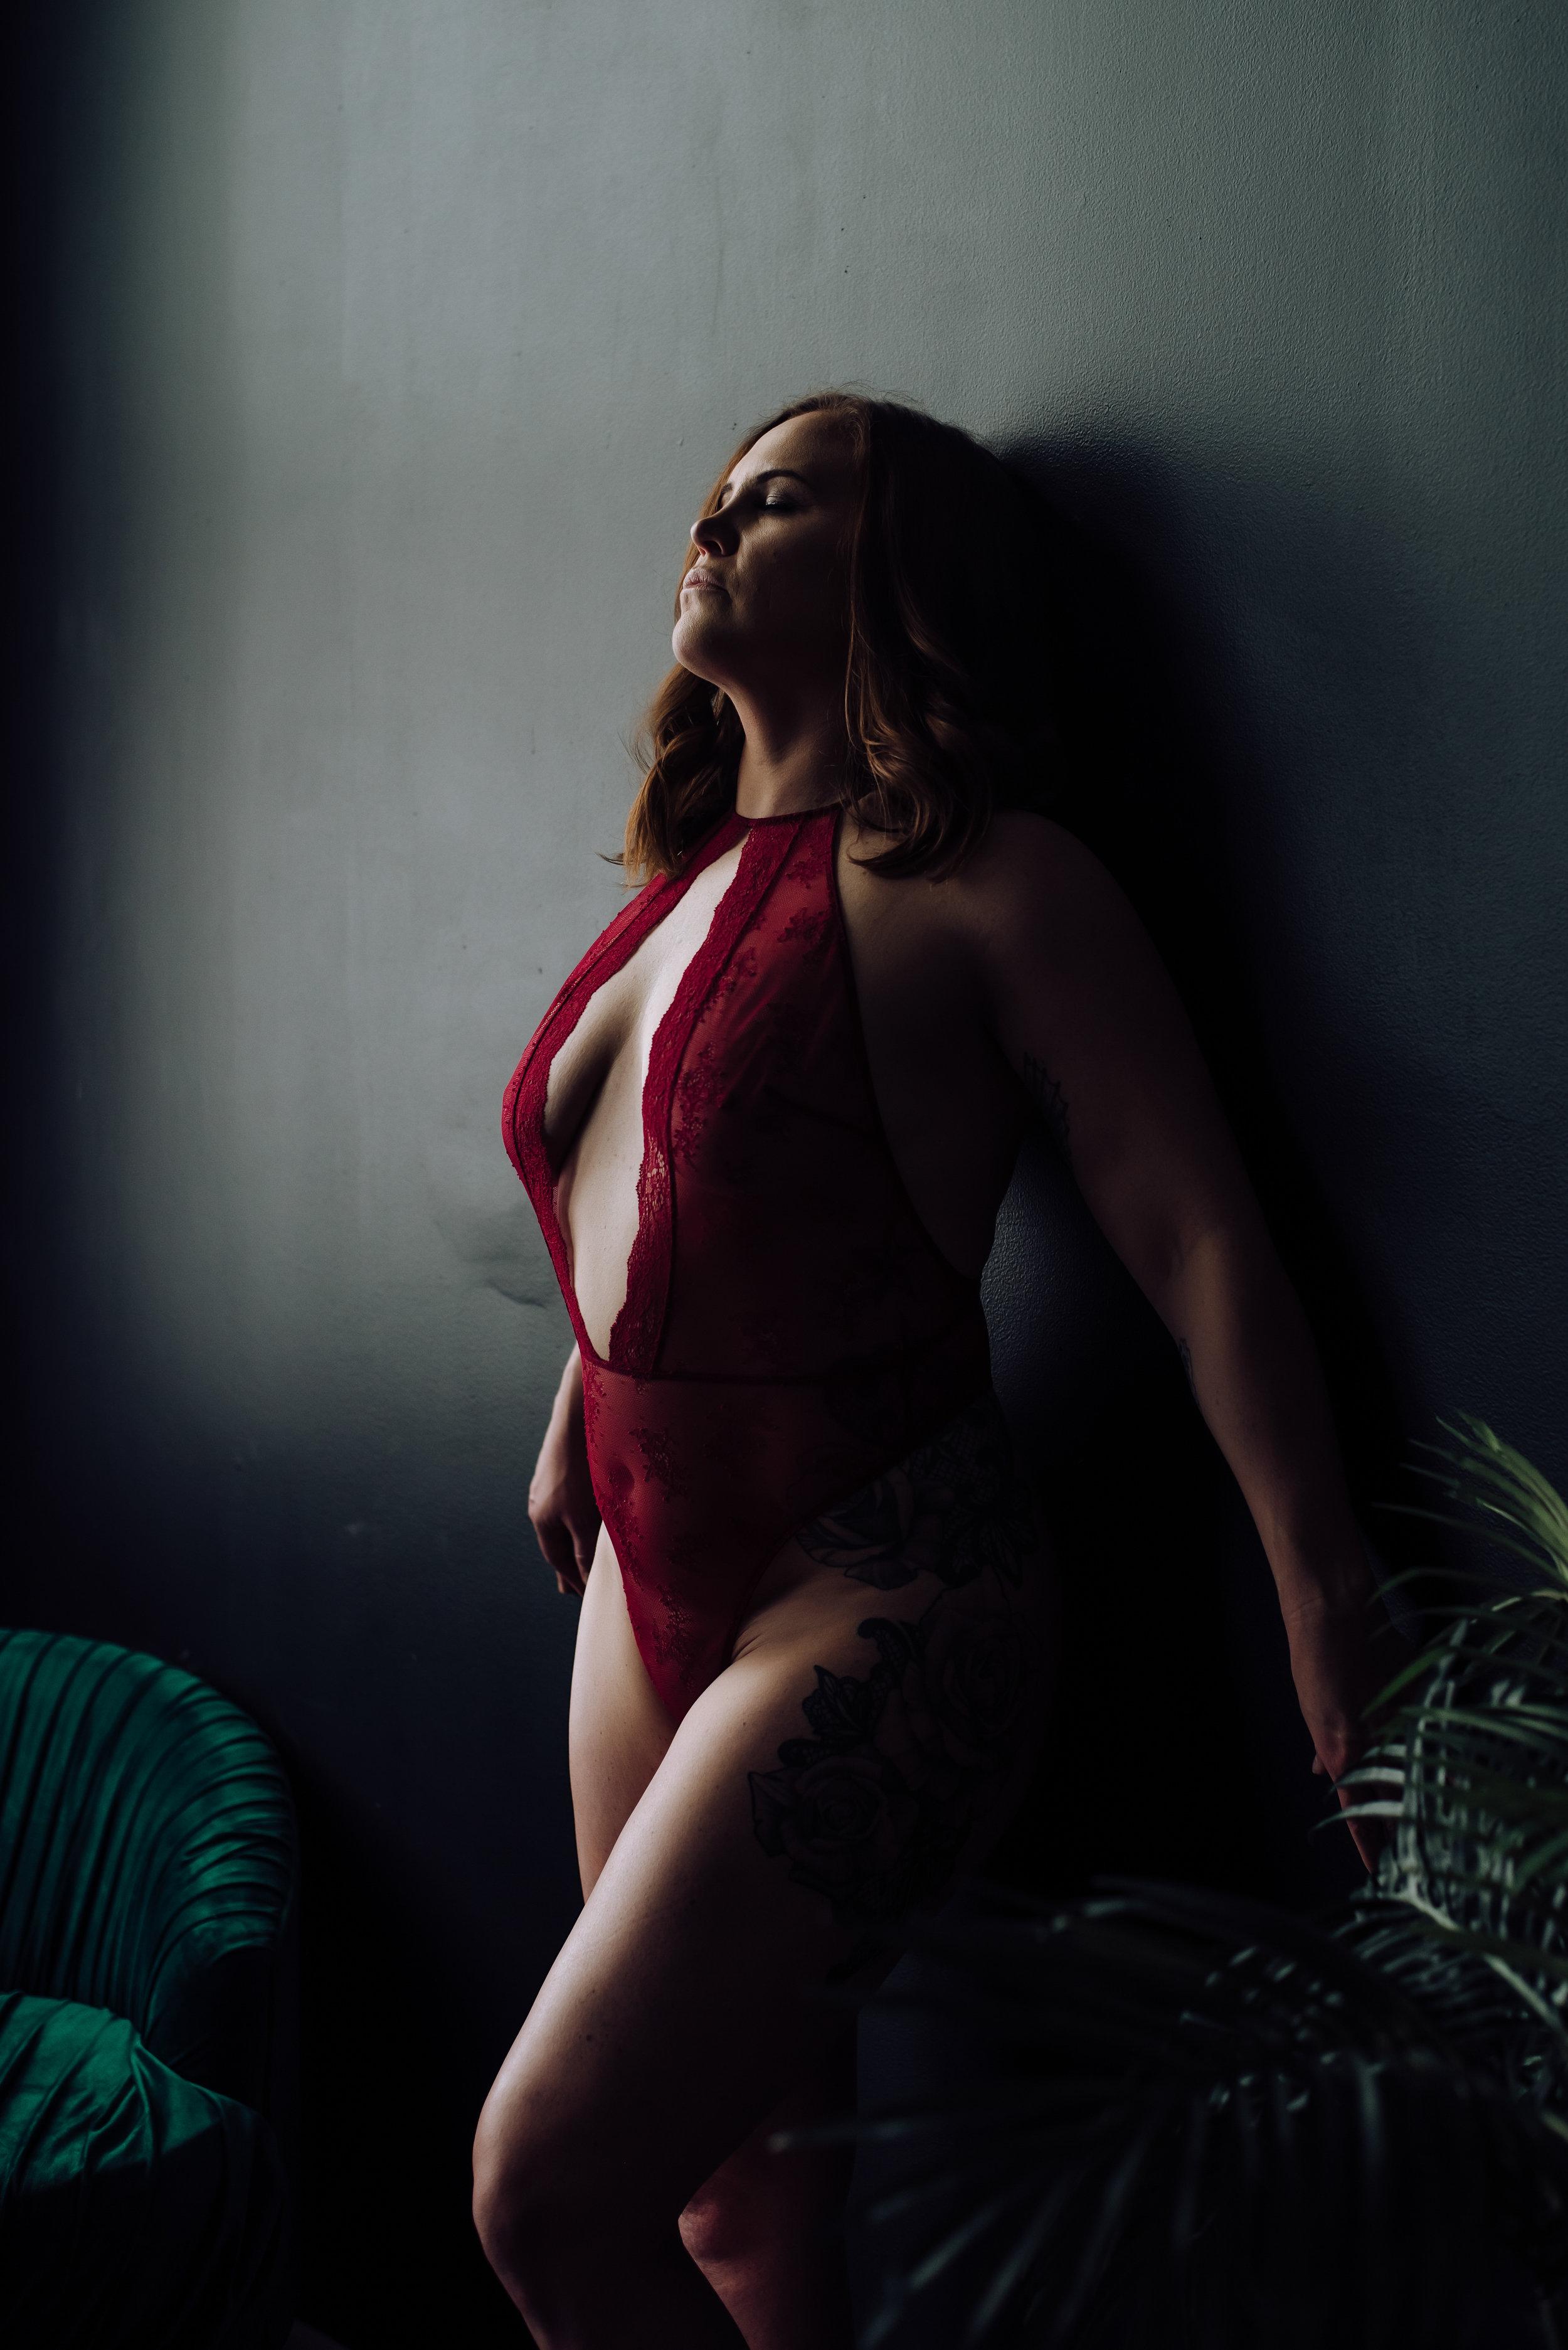 boudoir photography-1.jpg